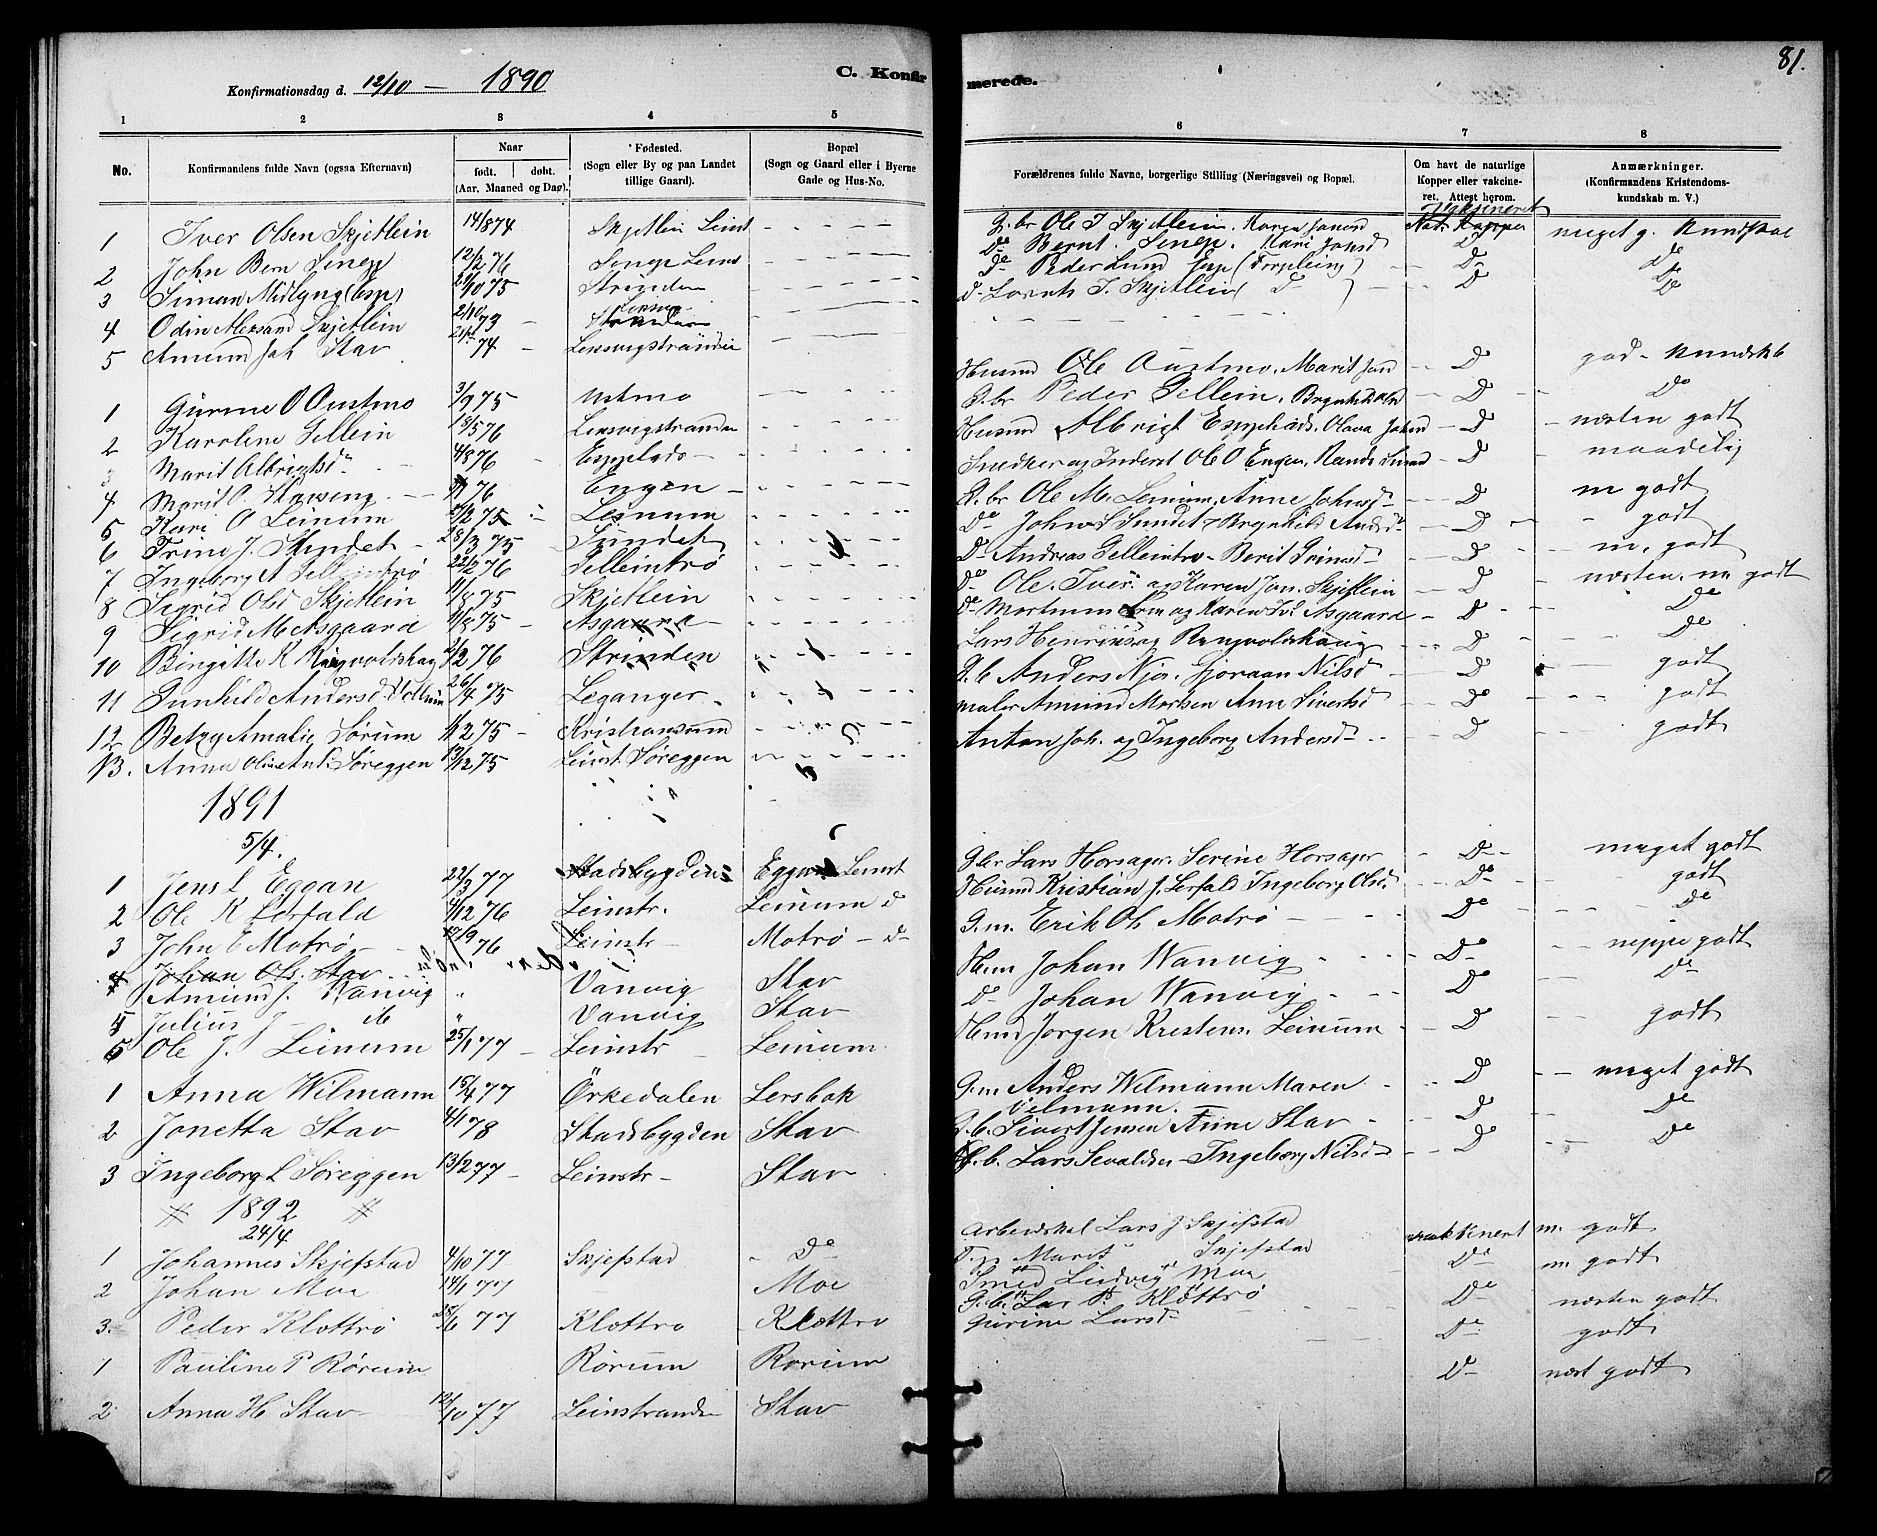 SAT, Ministerialprotokoller, klokkerbøker og fødselsregistre - Sør-Trøndelag, 613/L0395: Klokkerbok nr. 613C03, 1887-1909, s. 81